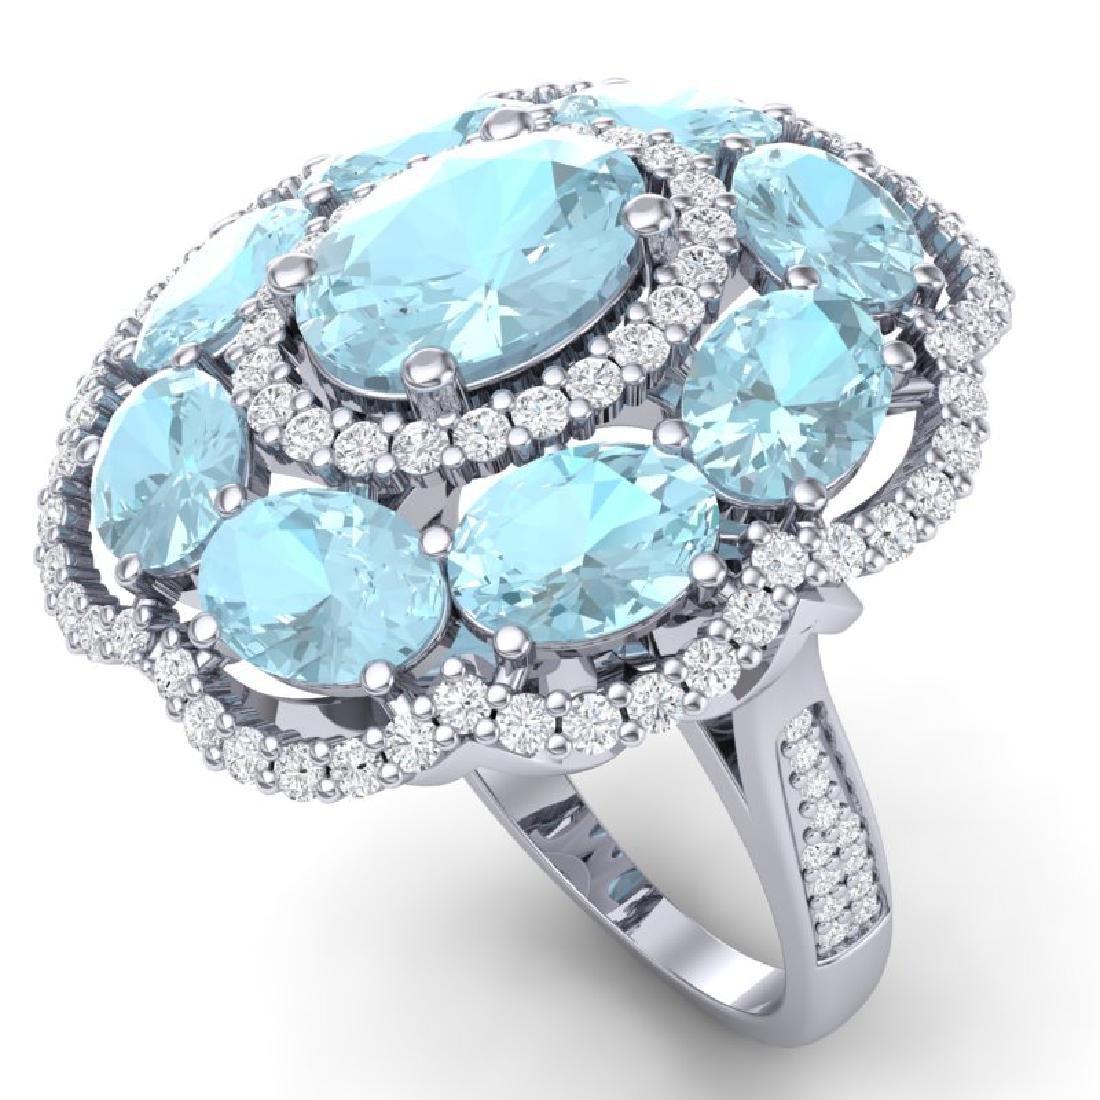 14.89 CTW Royalty Sky Topaz & VS Diamond Ring 18K White